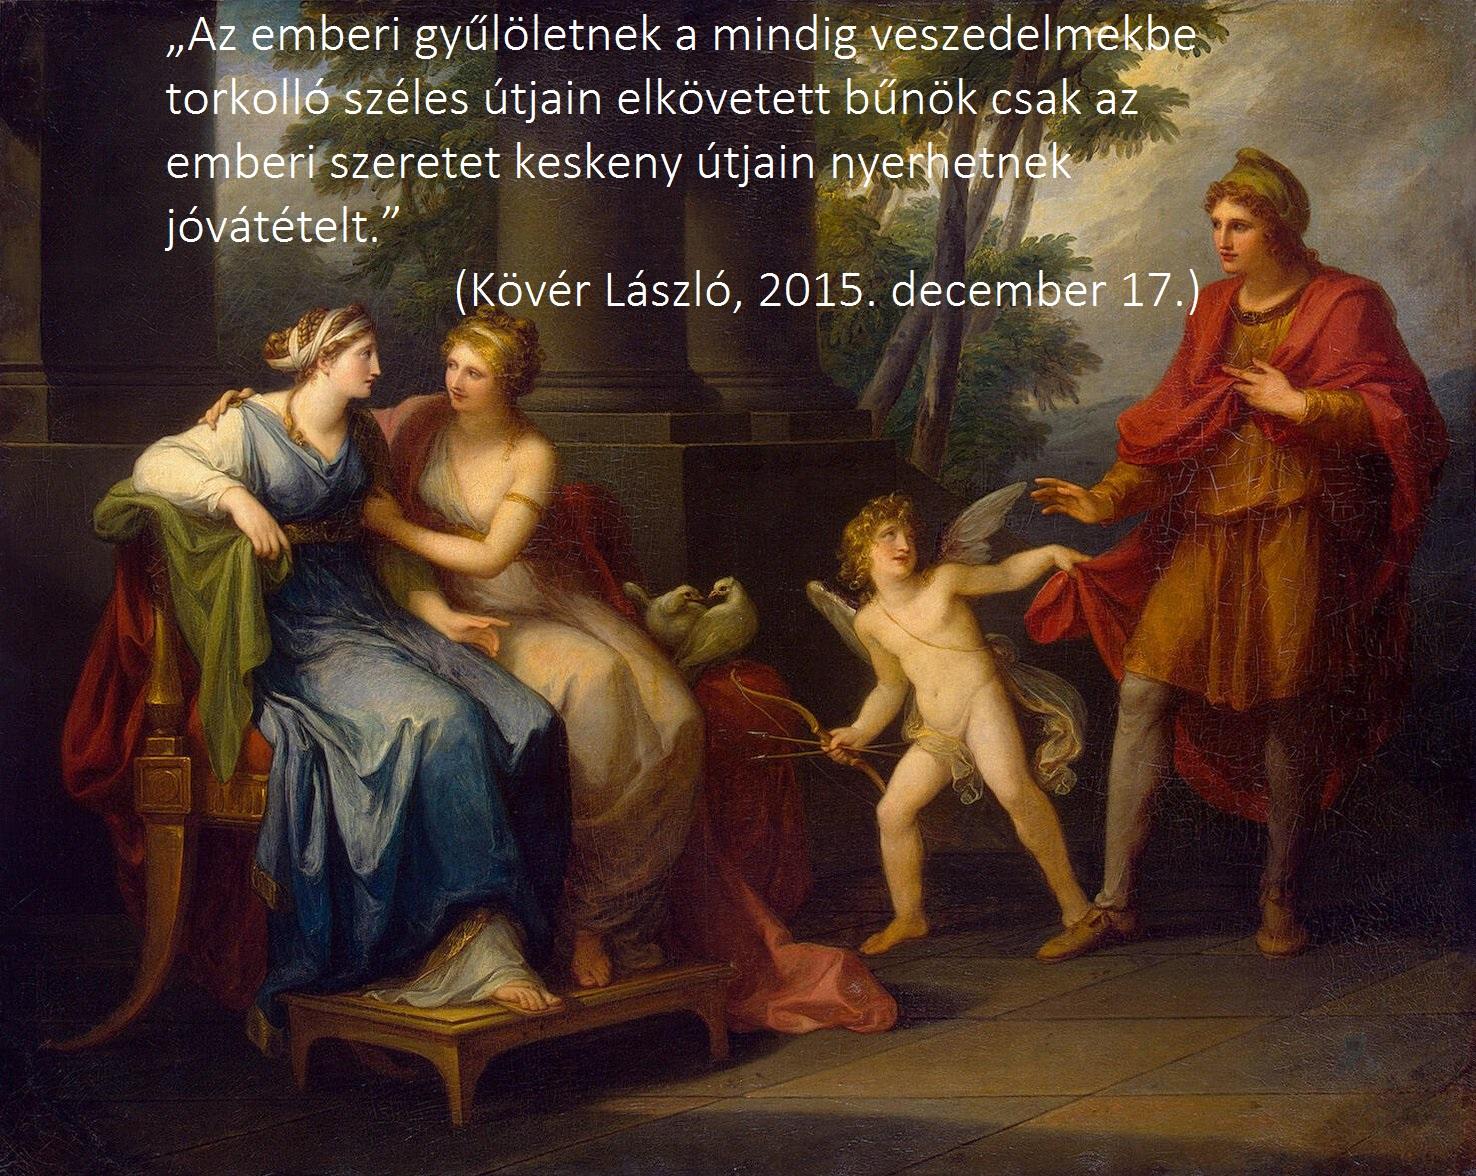 A szavak ereje: Kövér László, 2015. december 17.